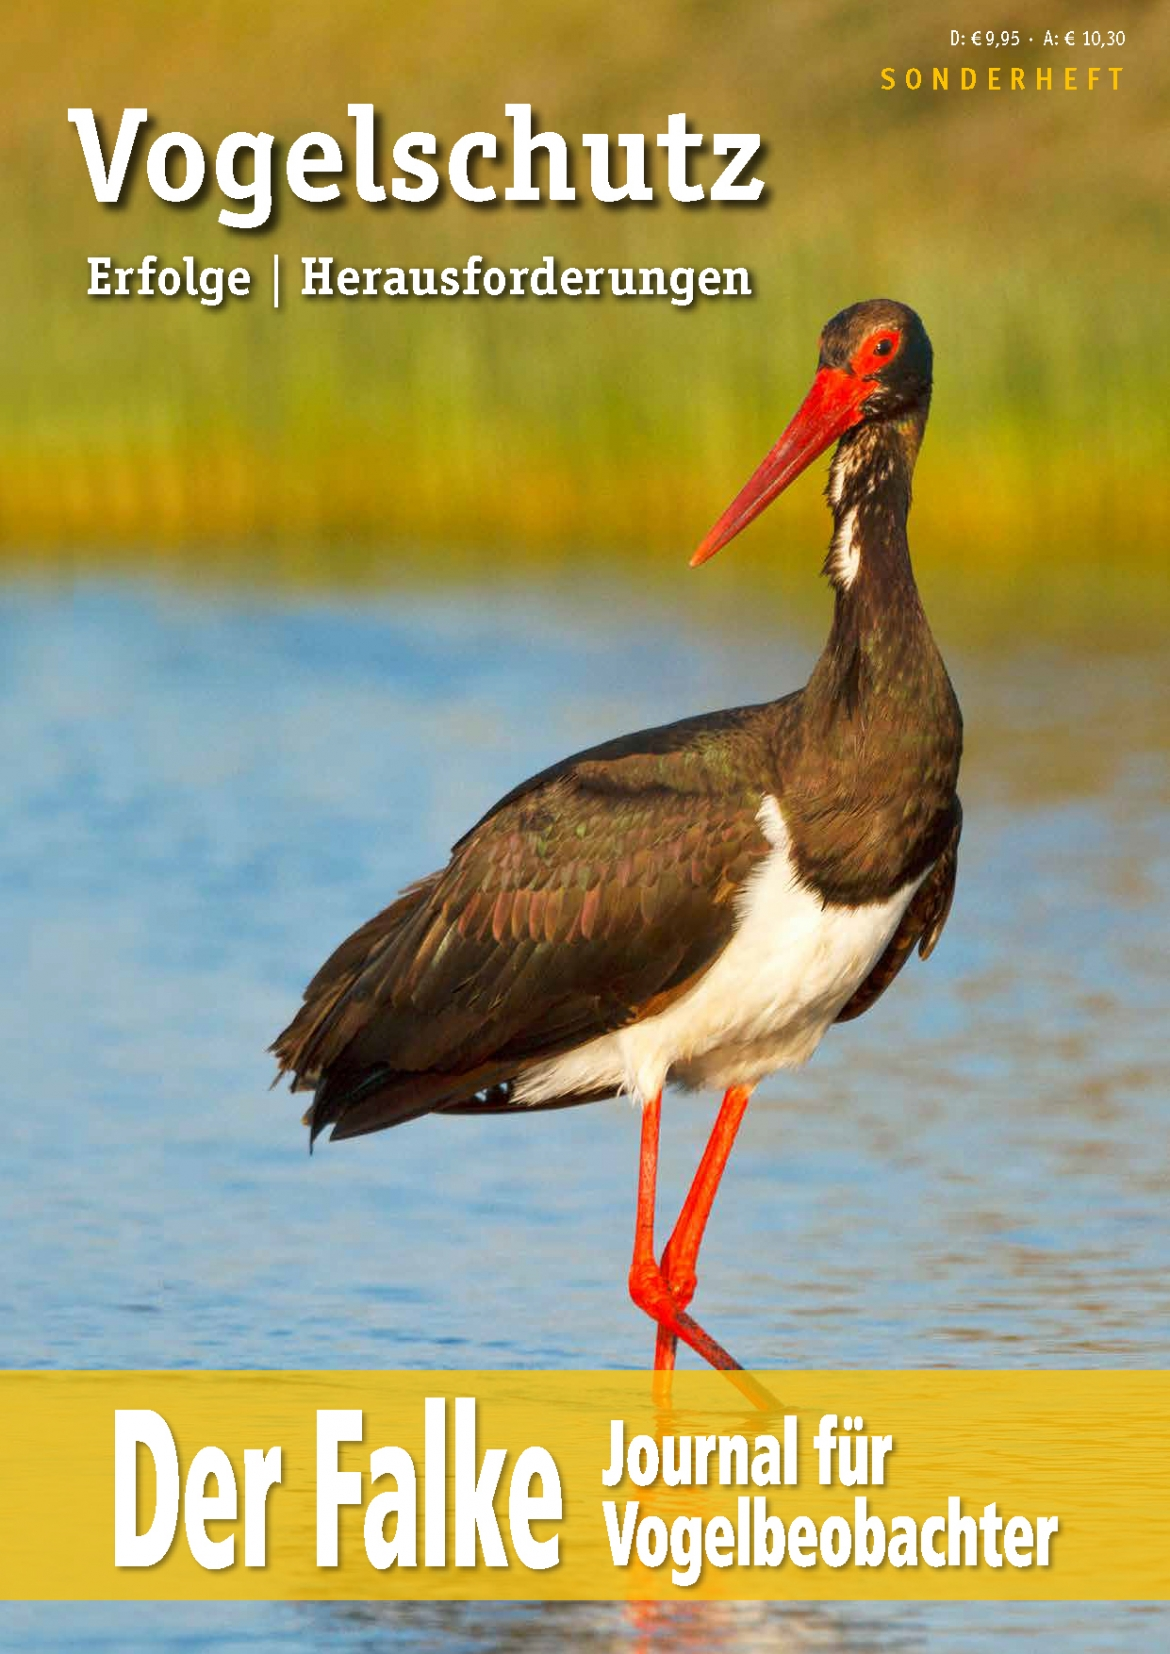 Cover-Sonderheft-Falke-2017-Vogelschutz.jpg